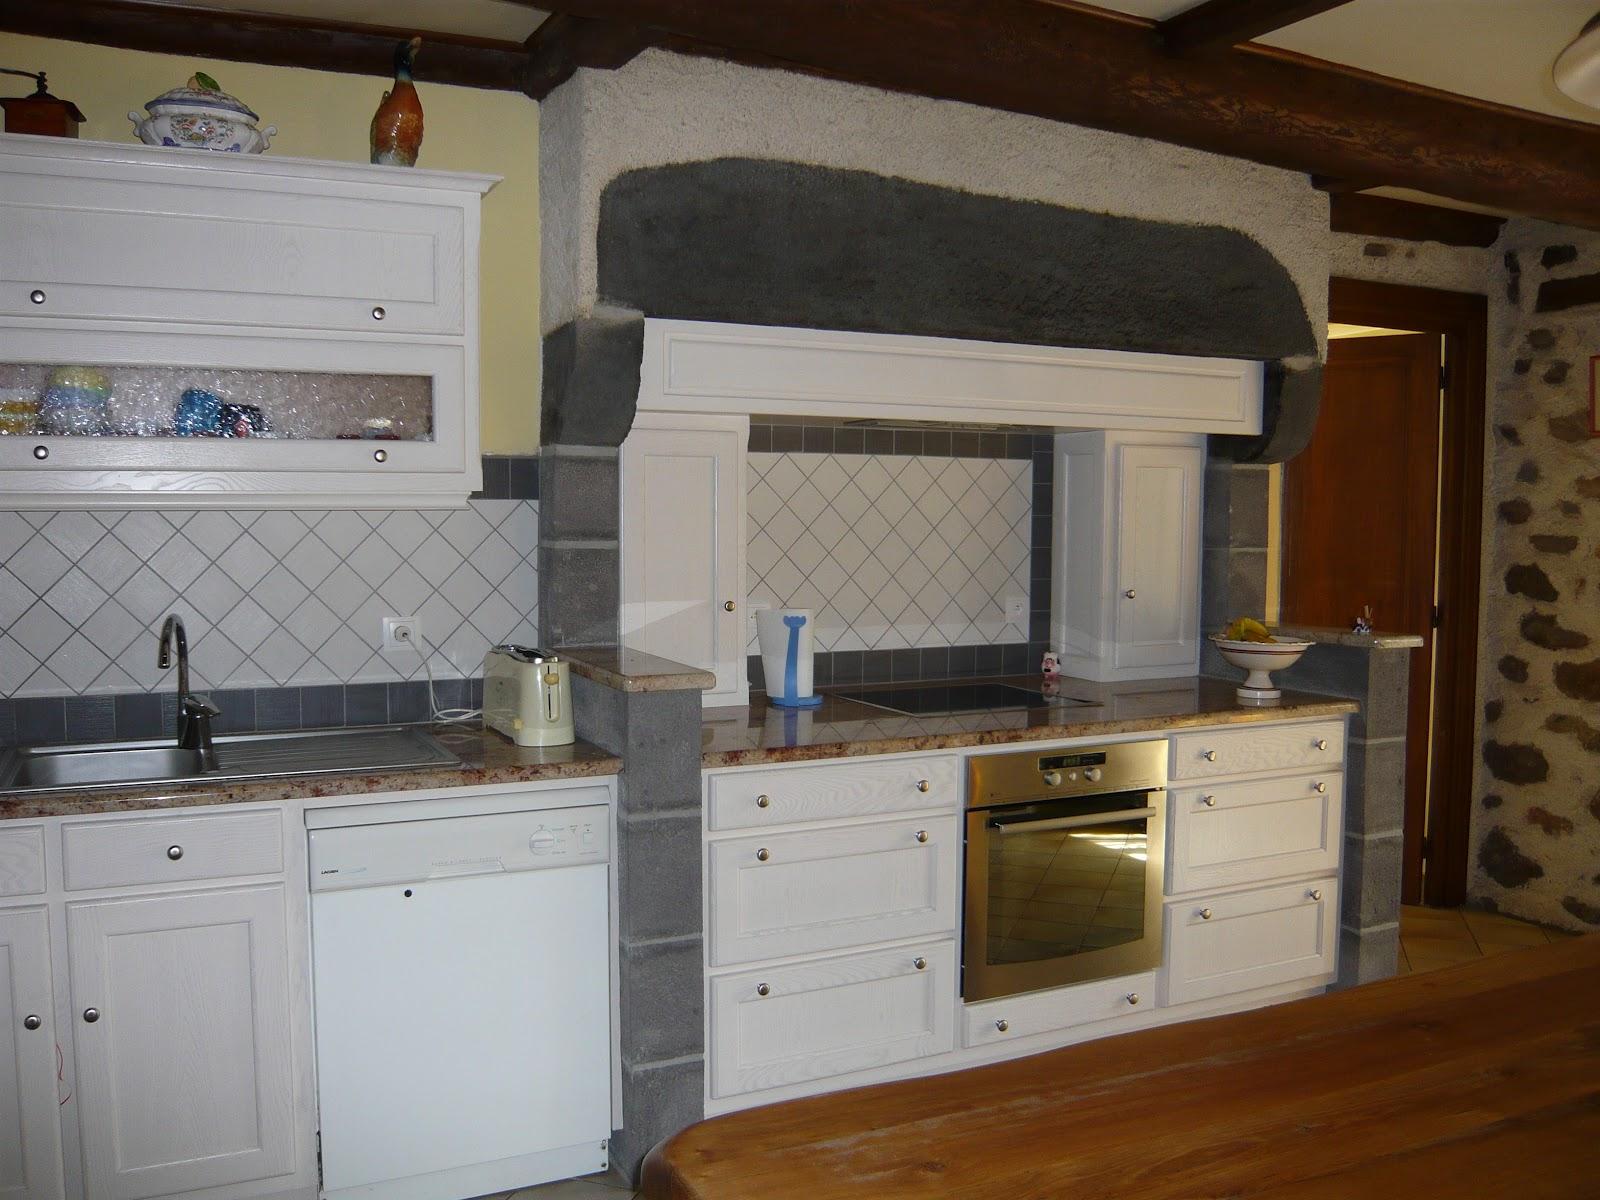 cuisine bois ancienne. Black Bedroom Furniture Sets. Home Design Ideas